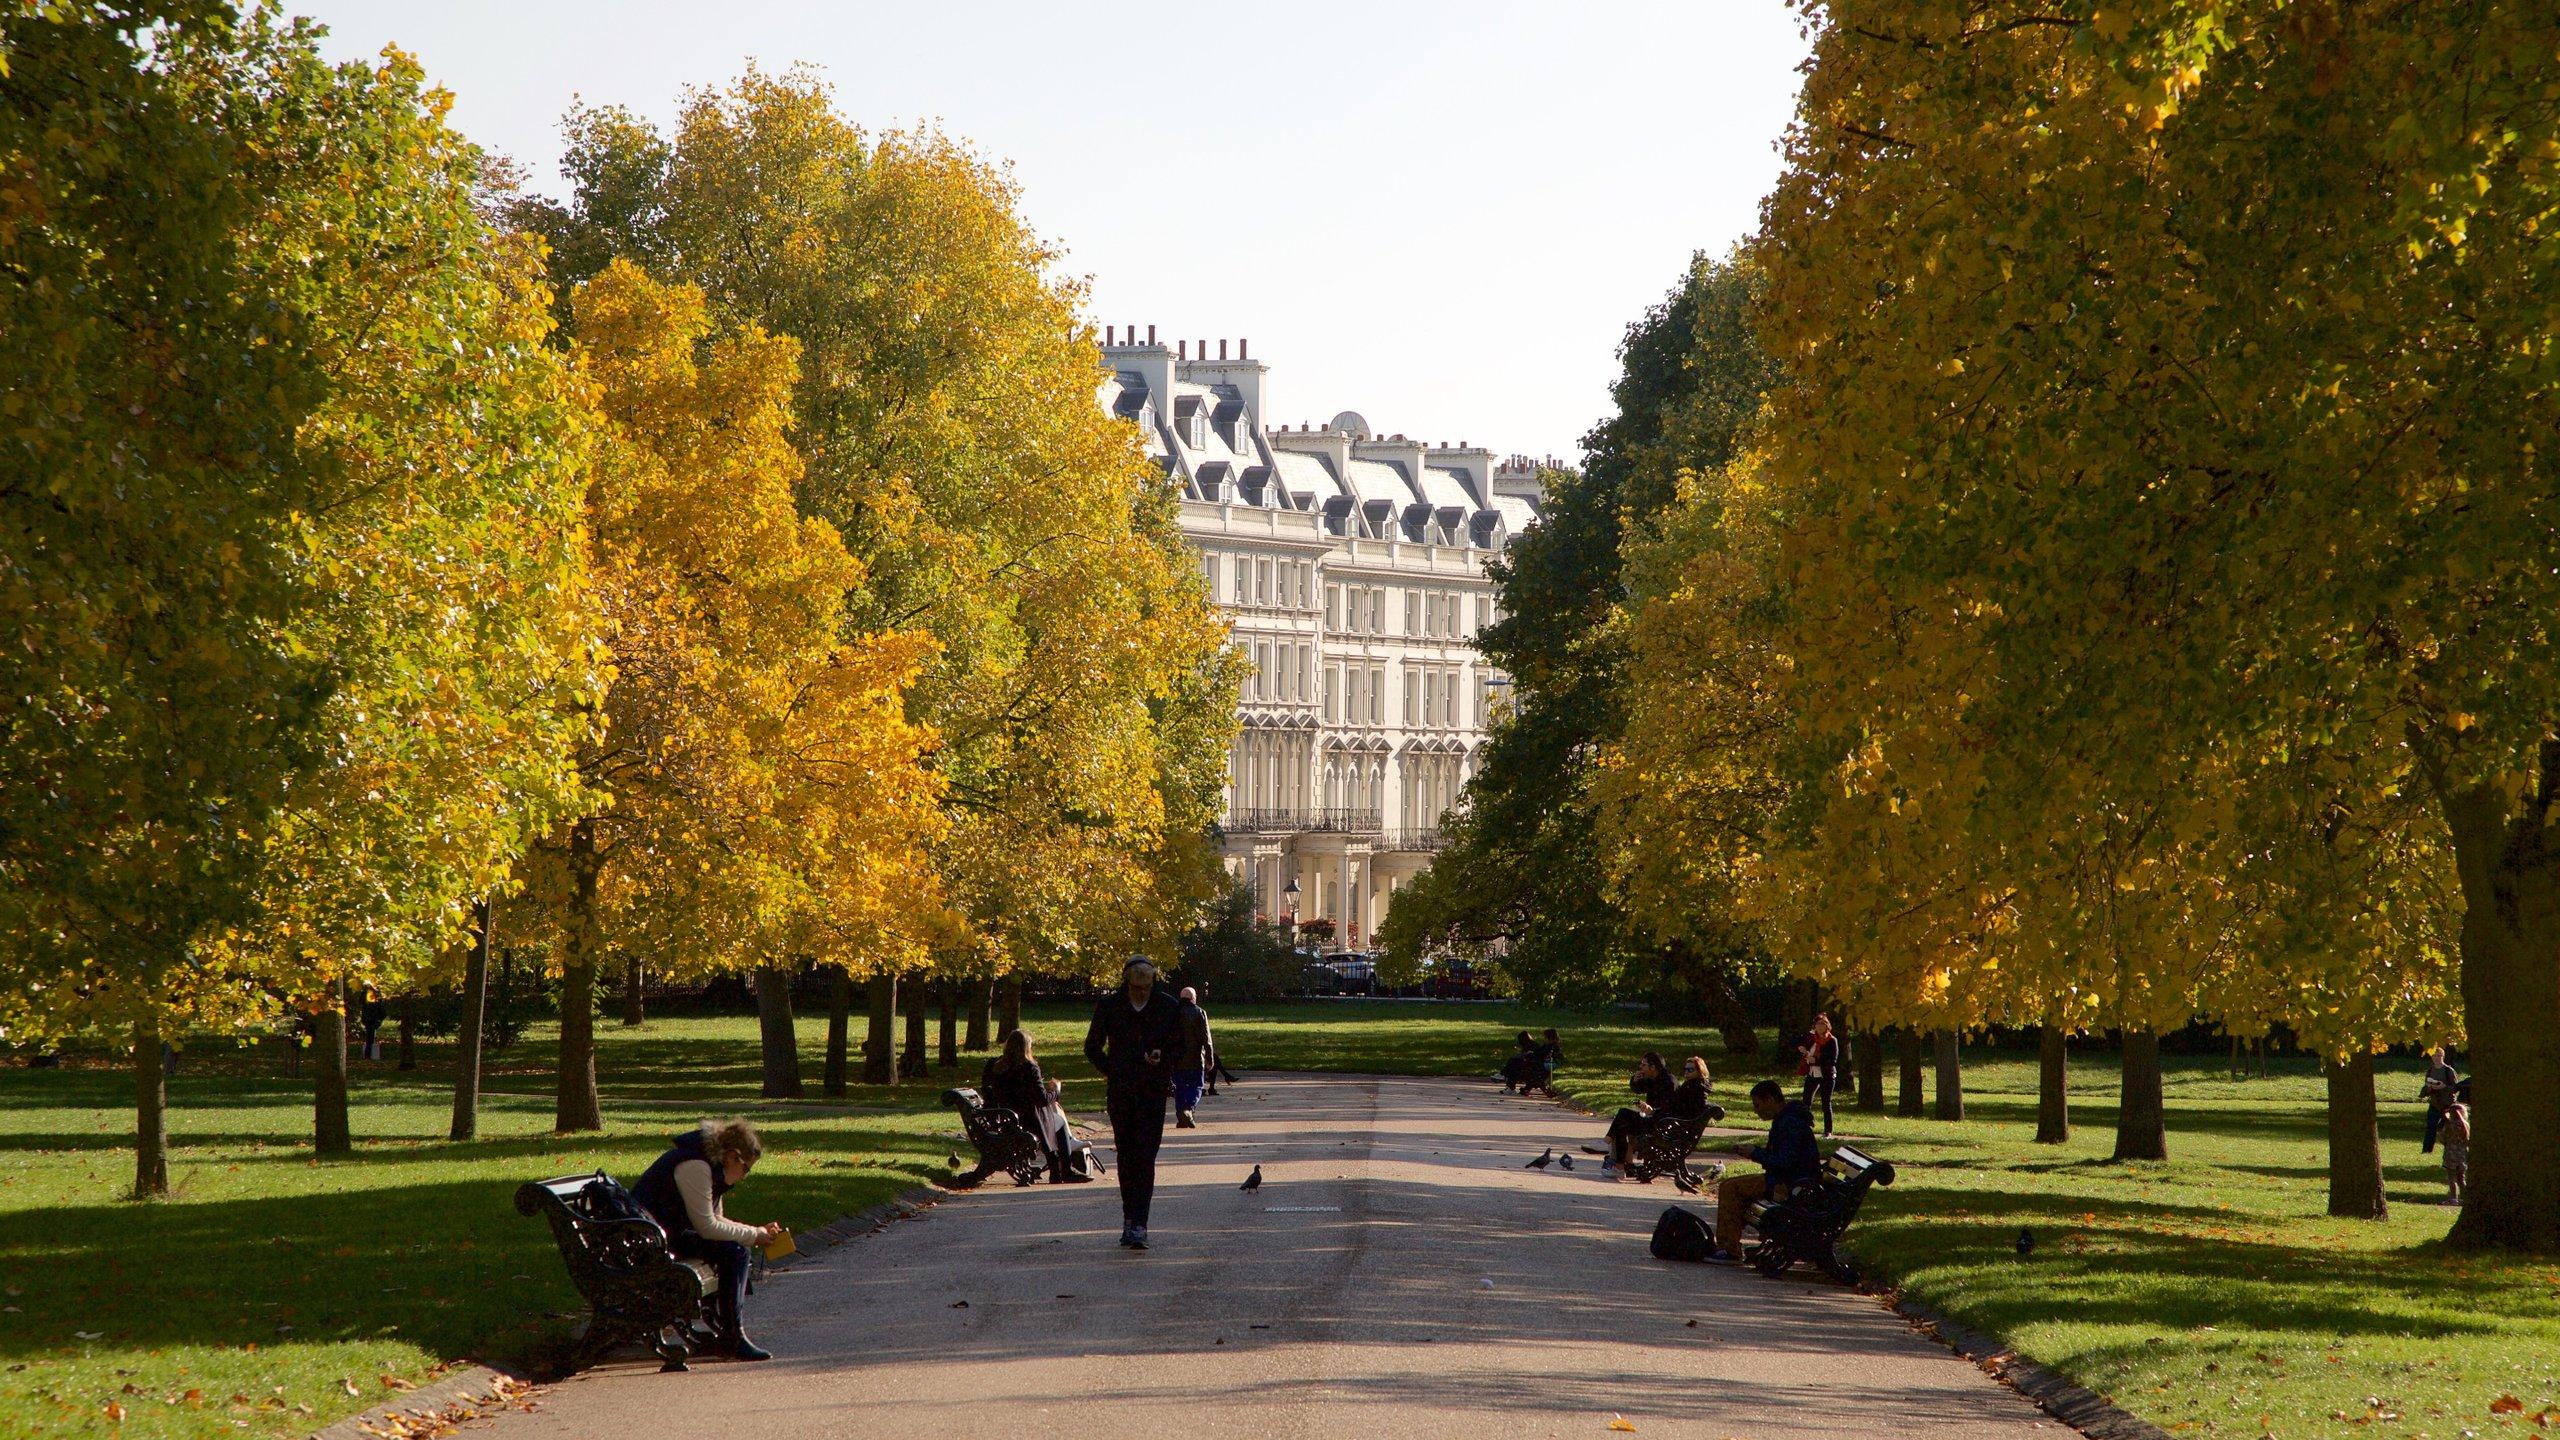 Kensington, Londen, Engeland, Verenigd Koninkrijk